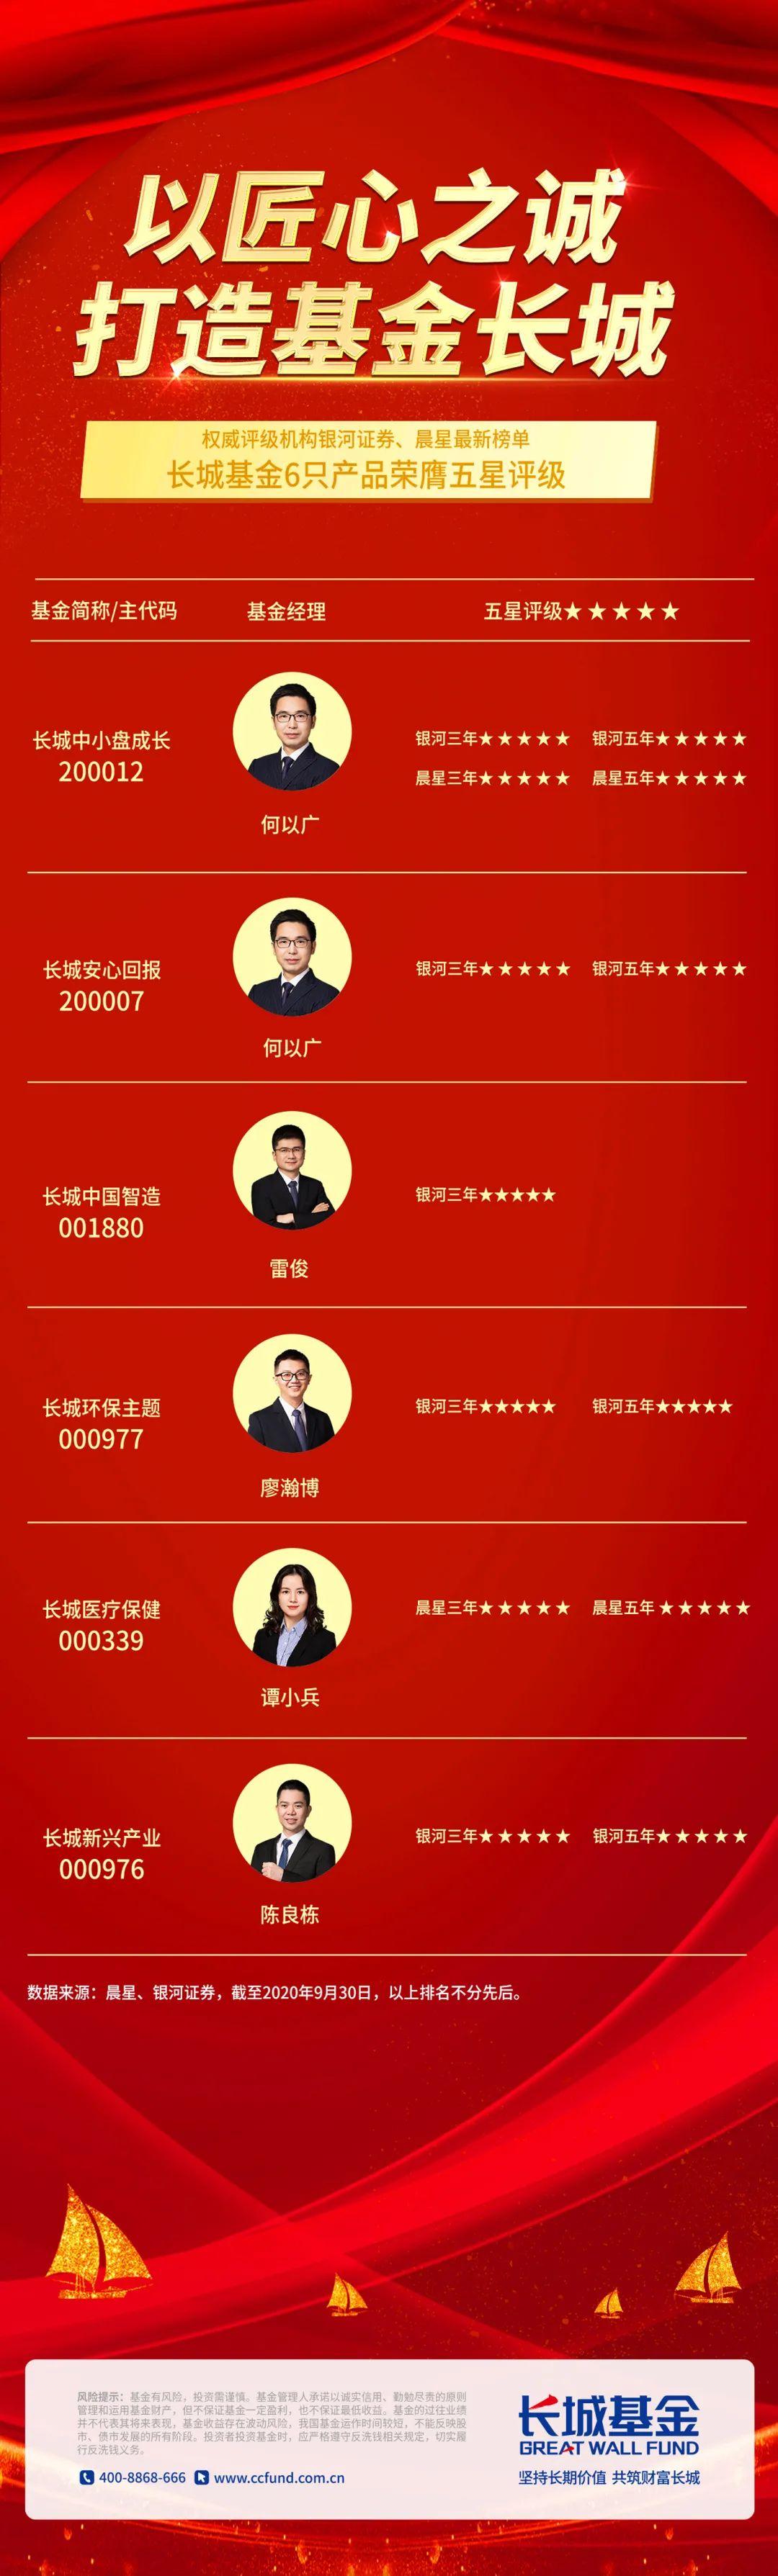 """红包   见""""圳""""未来,用专业铸就,用责任守护!"""